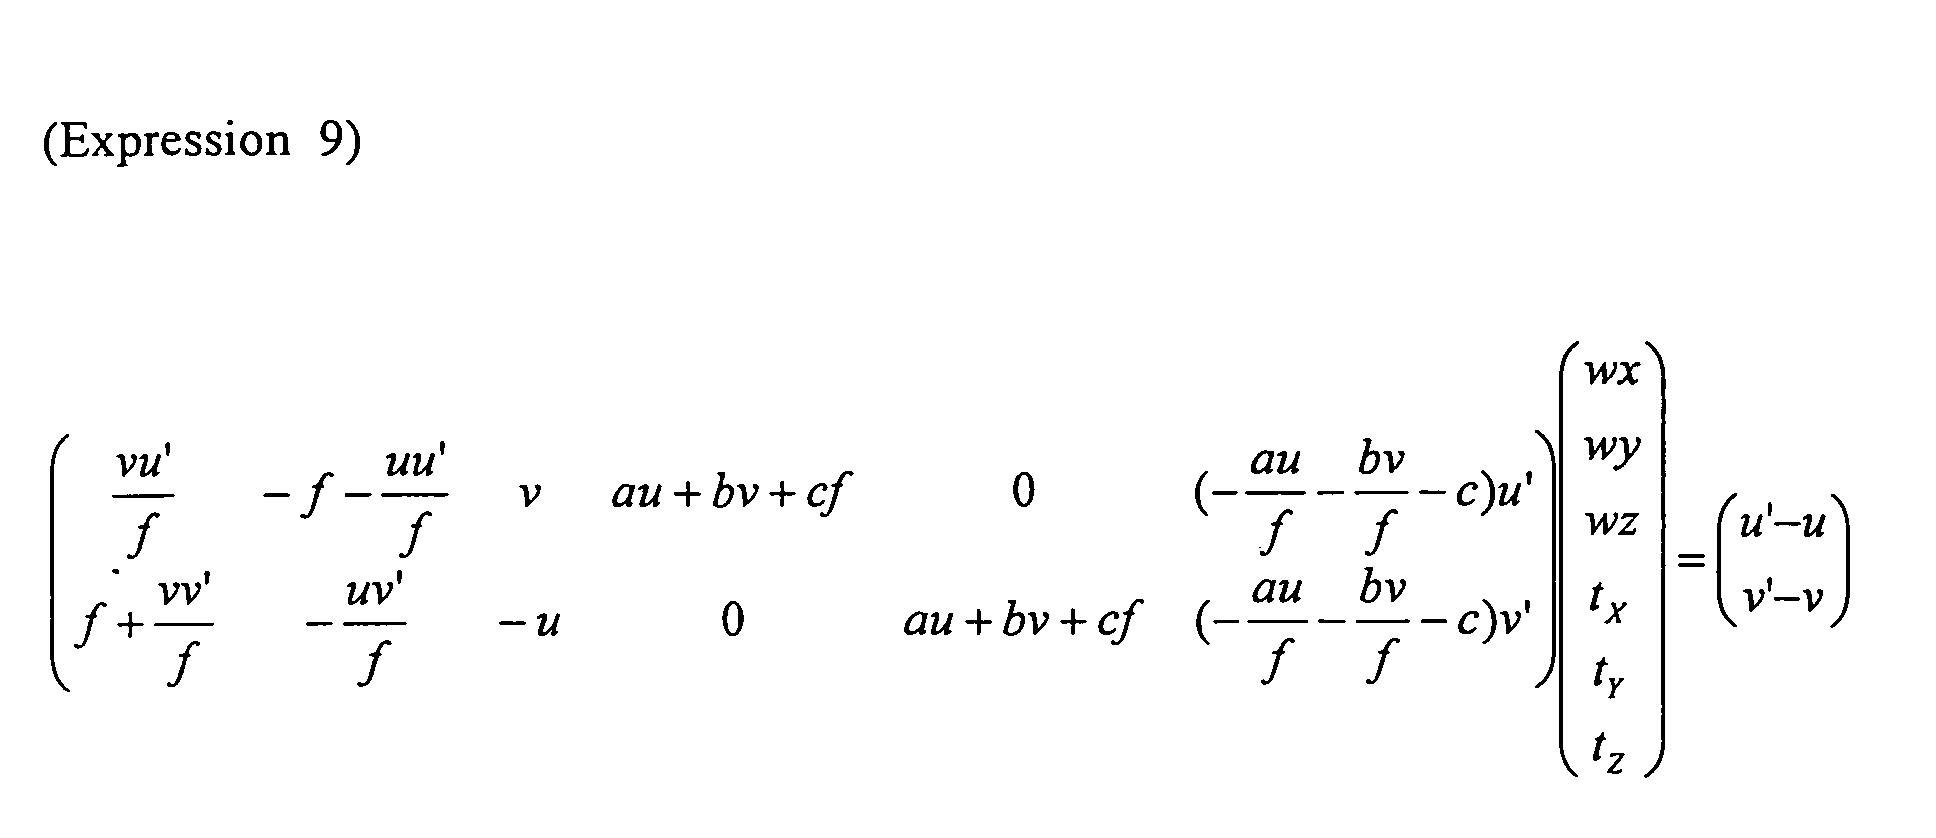 专利ep1580687a1 - method